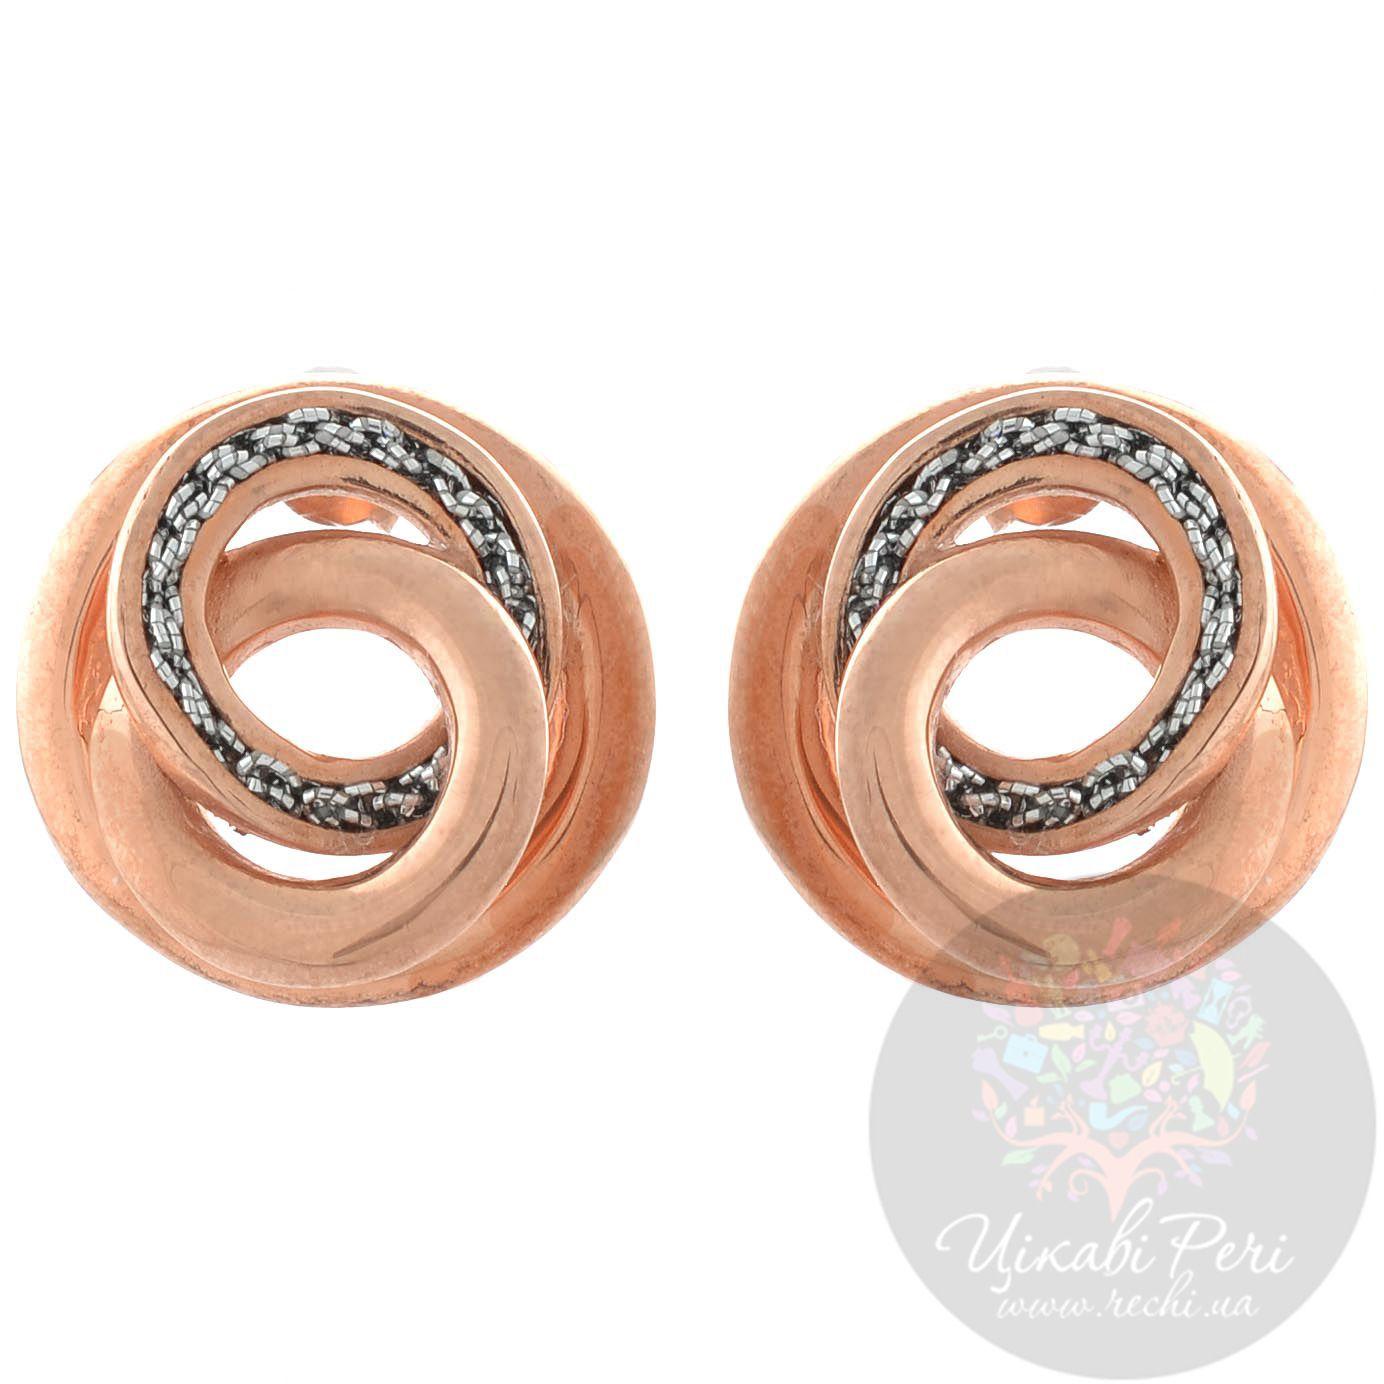 Серьги-завитки Adami Martucci в розовой позолоте с серебряной тканью-вставкой